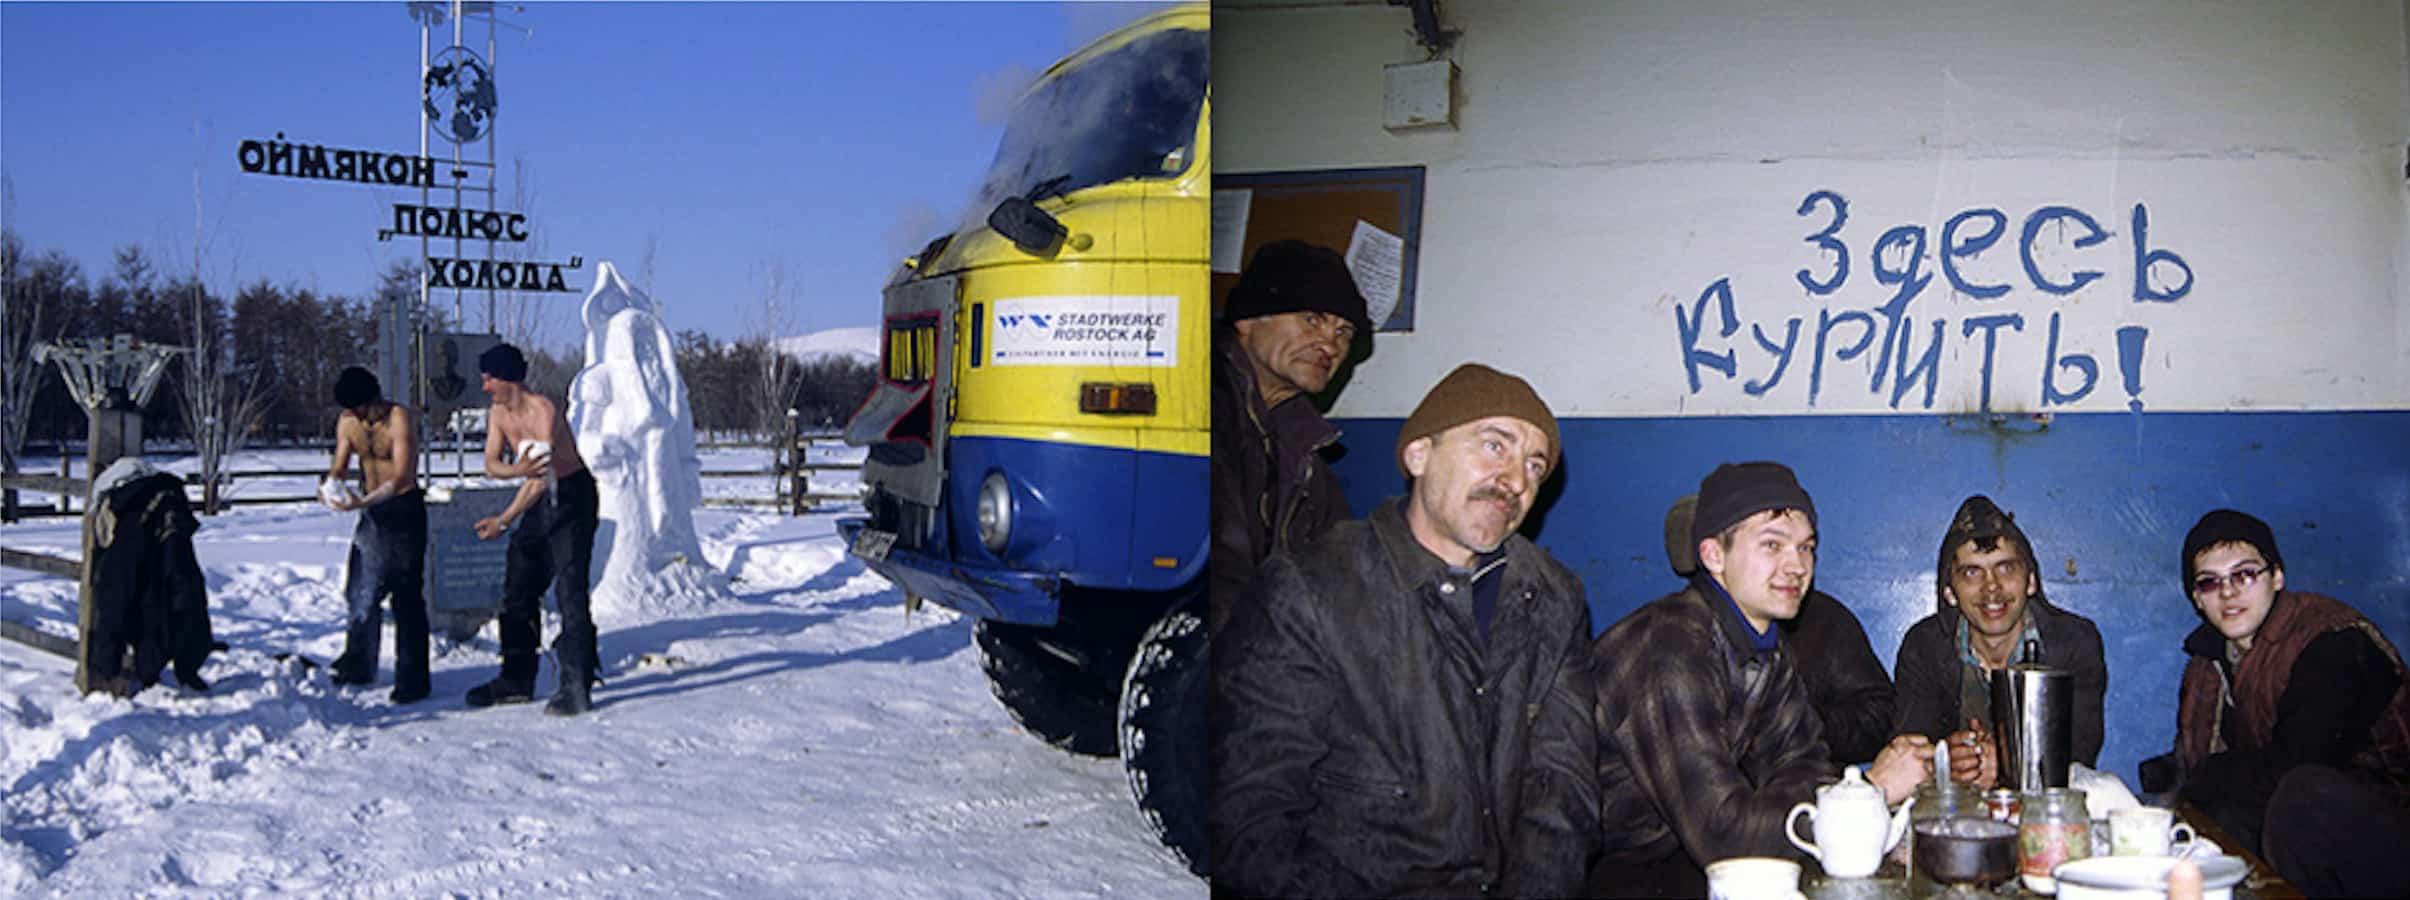 Bei 50 Grad Mit Einem W50 11 000 Kilometer Durch Sibirien